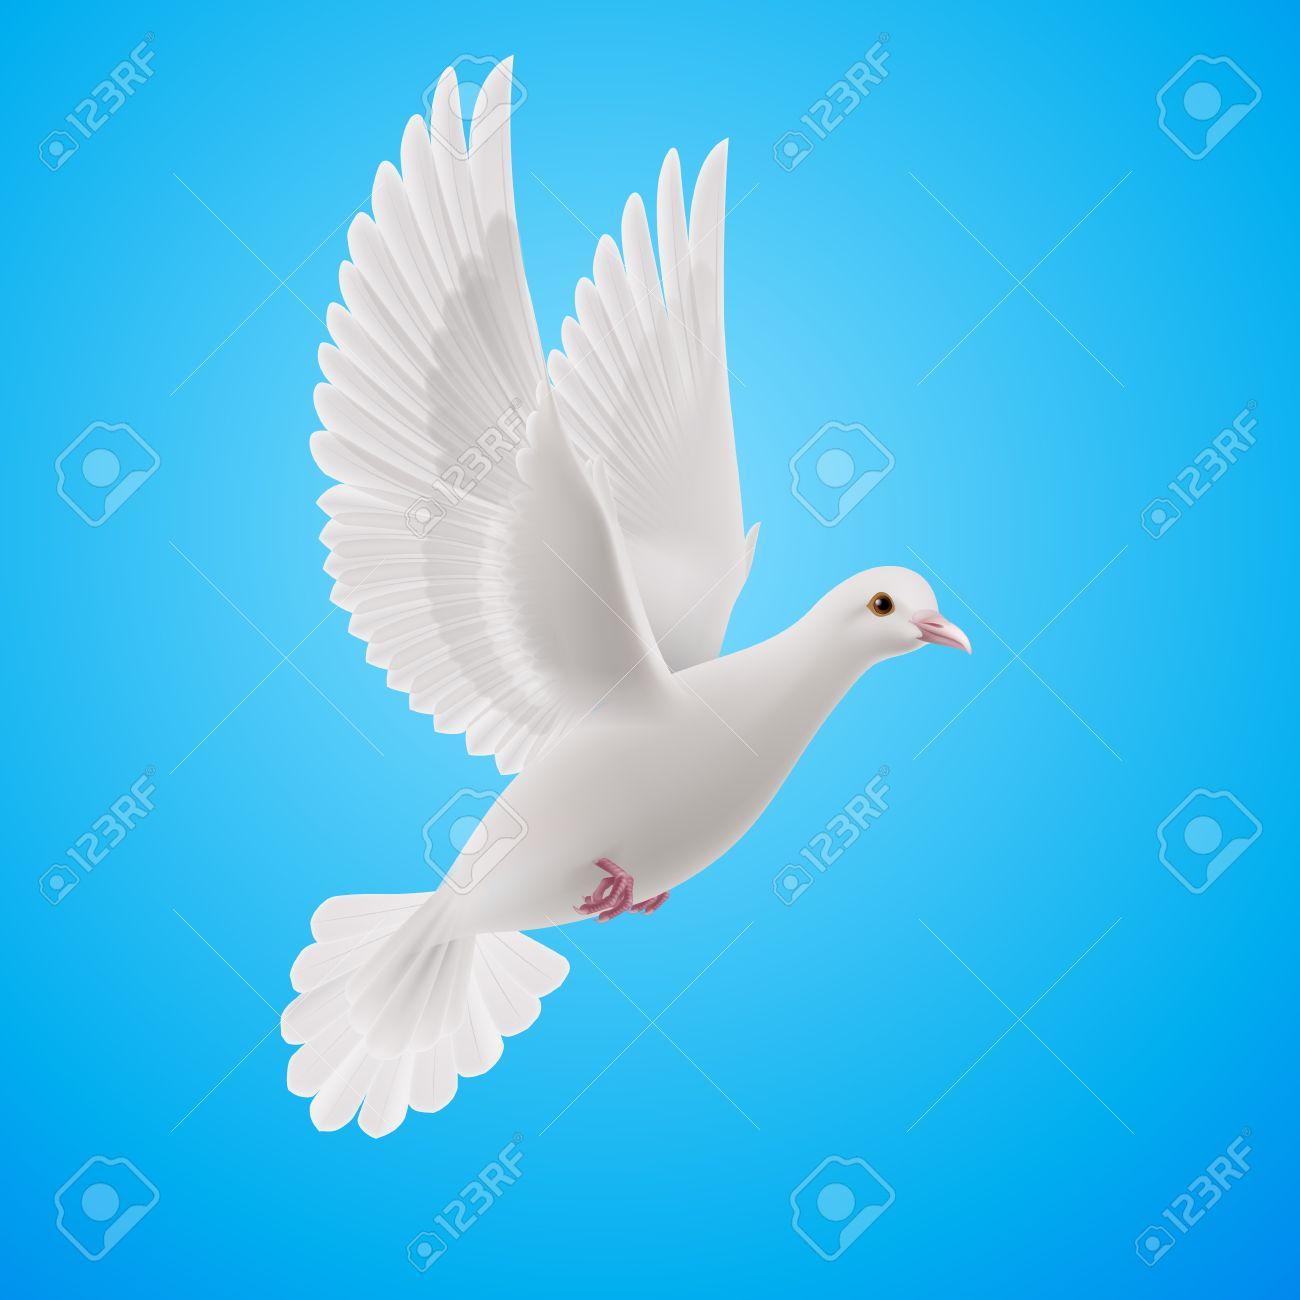 Paloma Blanca Volando Realista En El Fondo Del Cielo Azul Símbolo